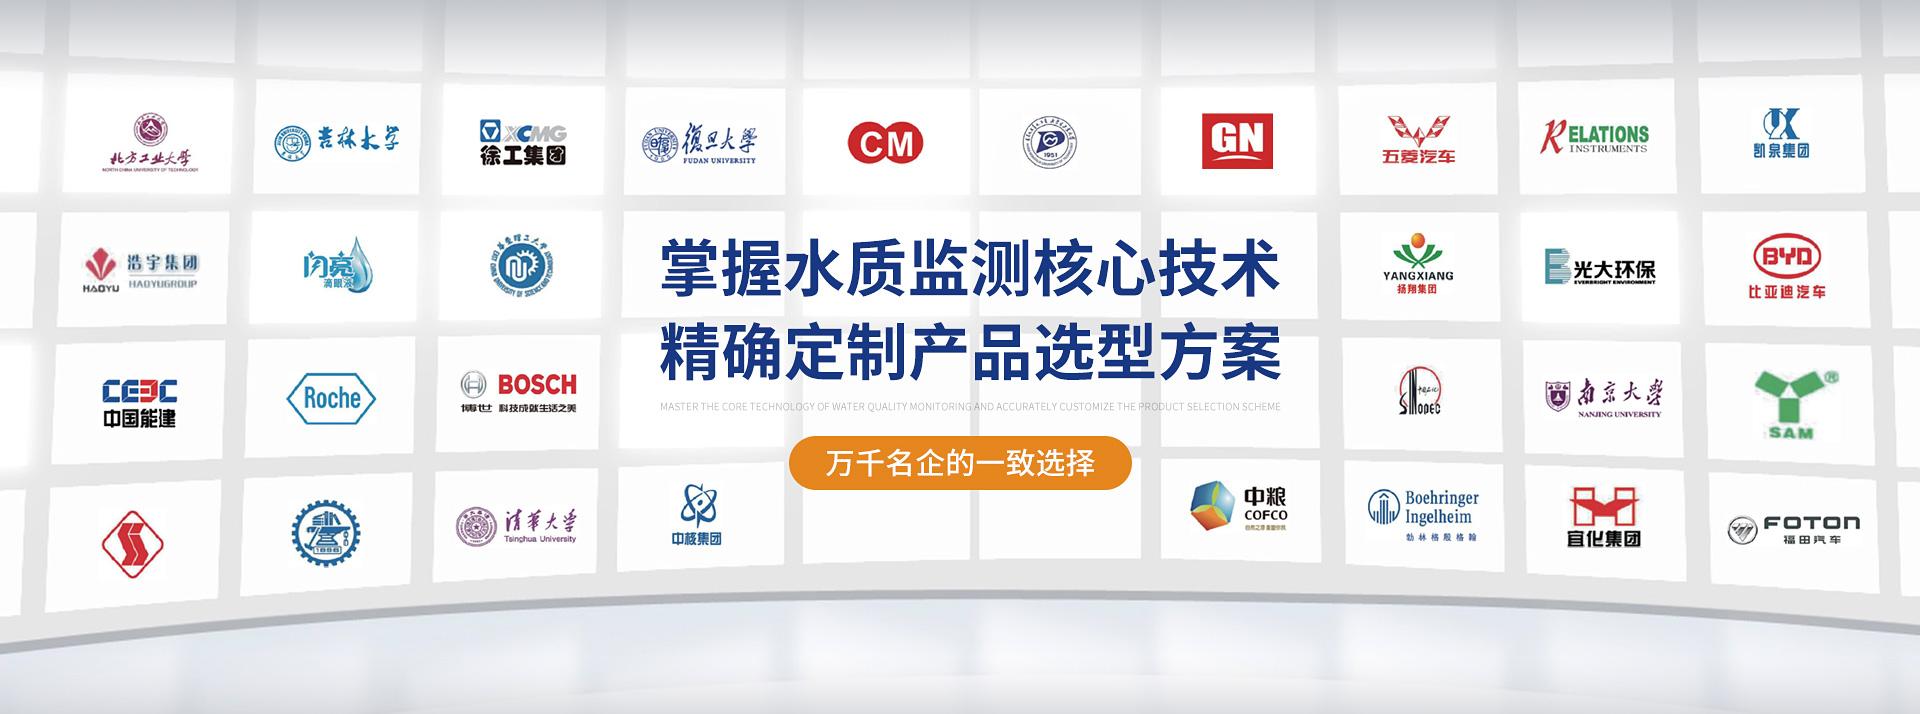 博取仪器与上海交通大学达成产研战略合作